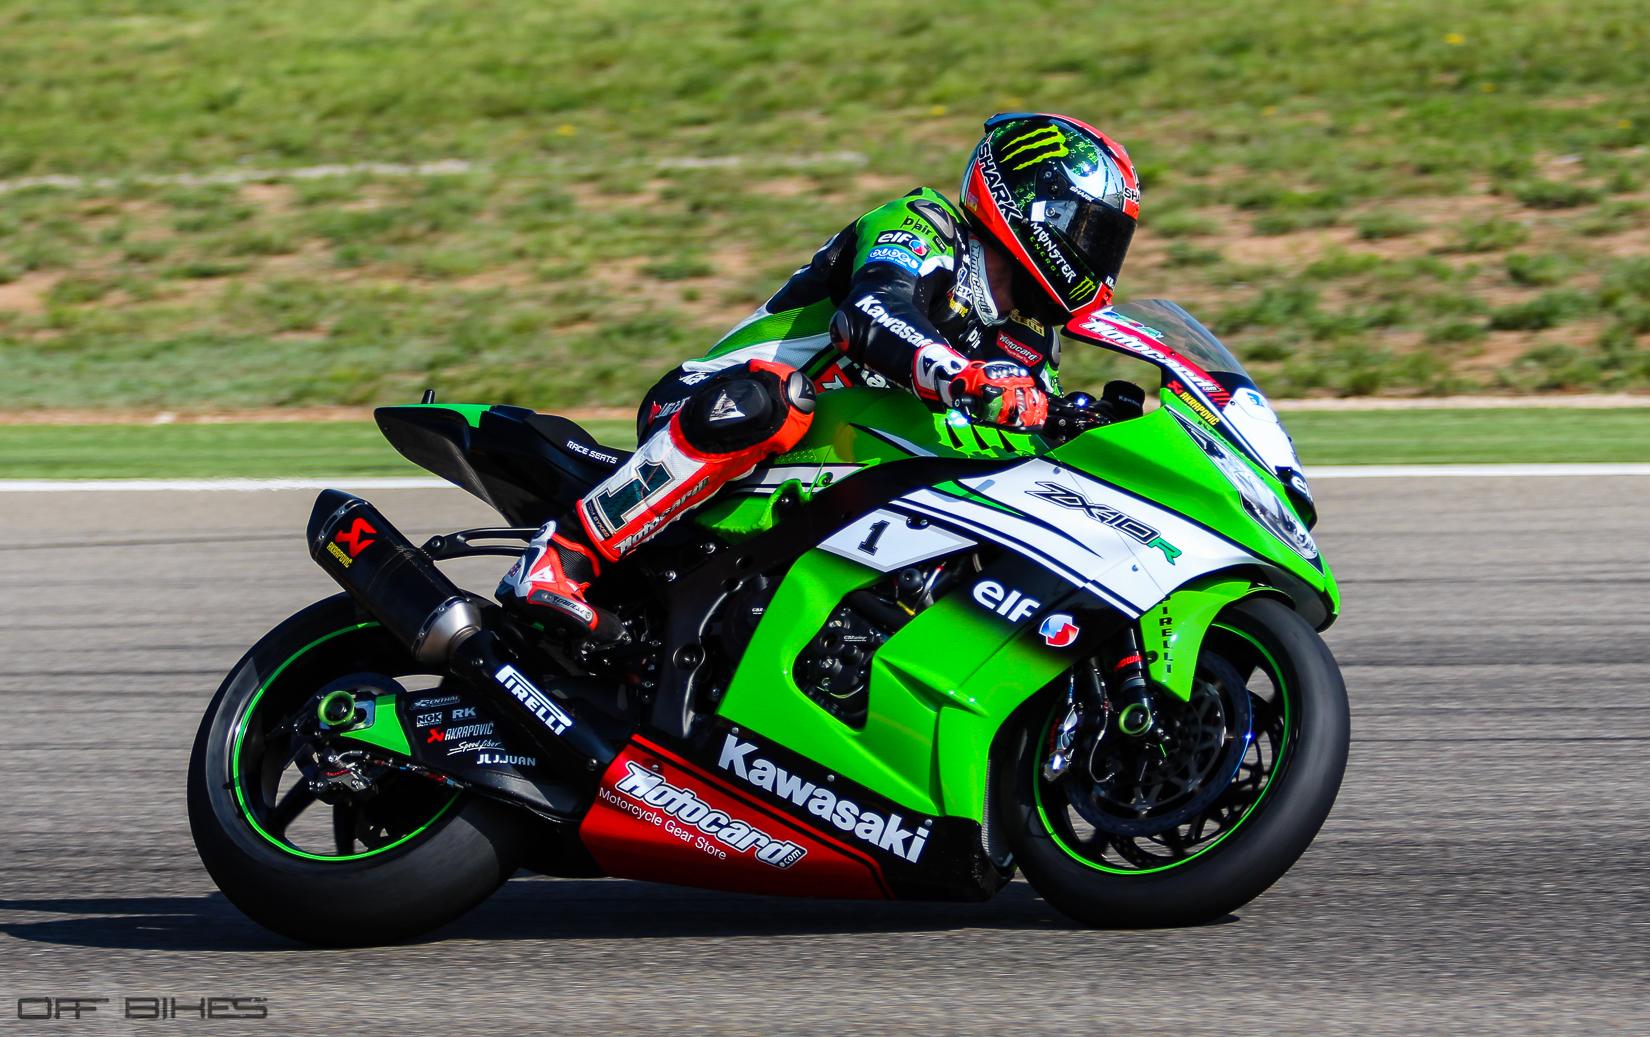 Tom Sykes et Loris Baz signent deux podiums sur le MotorLand Aragón. (Photo : OffBikes)